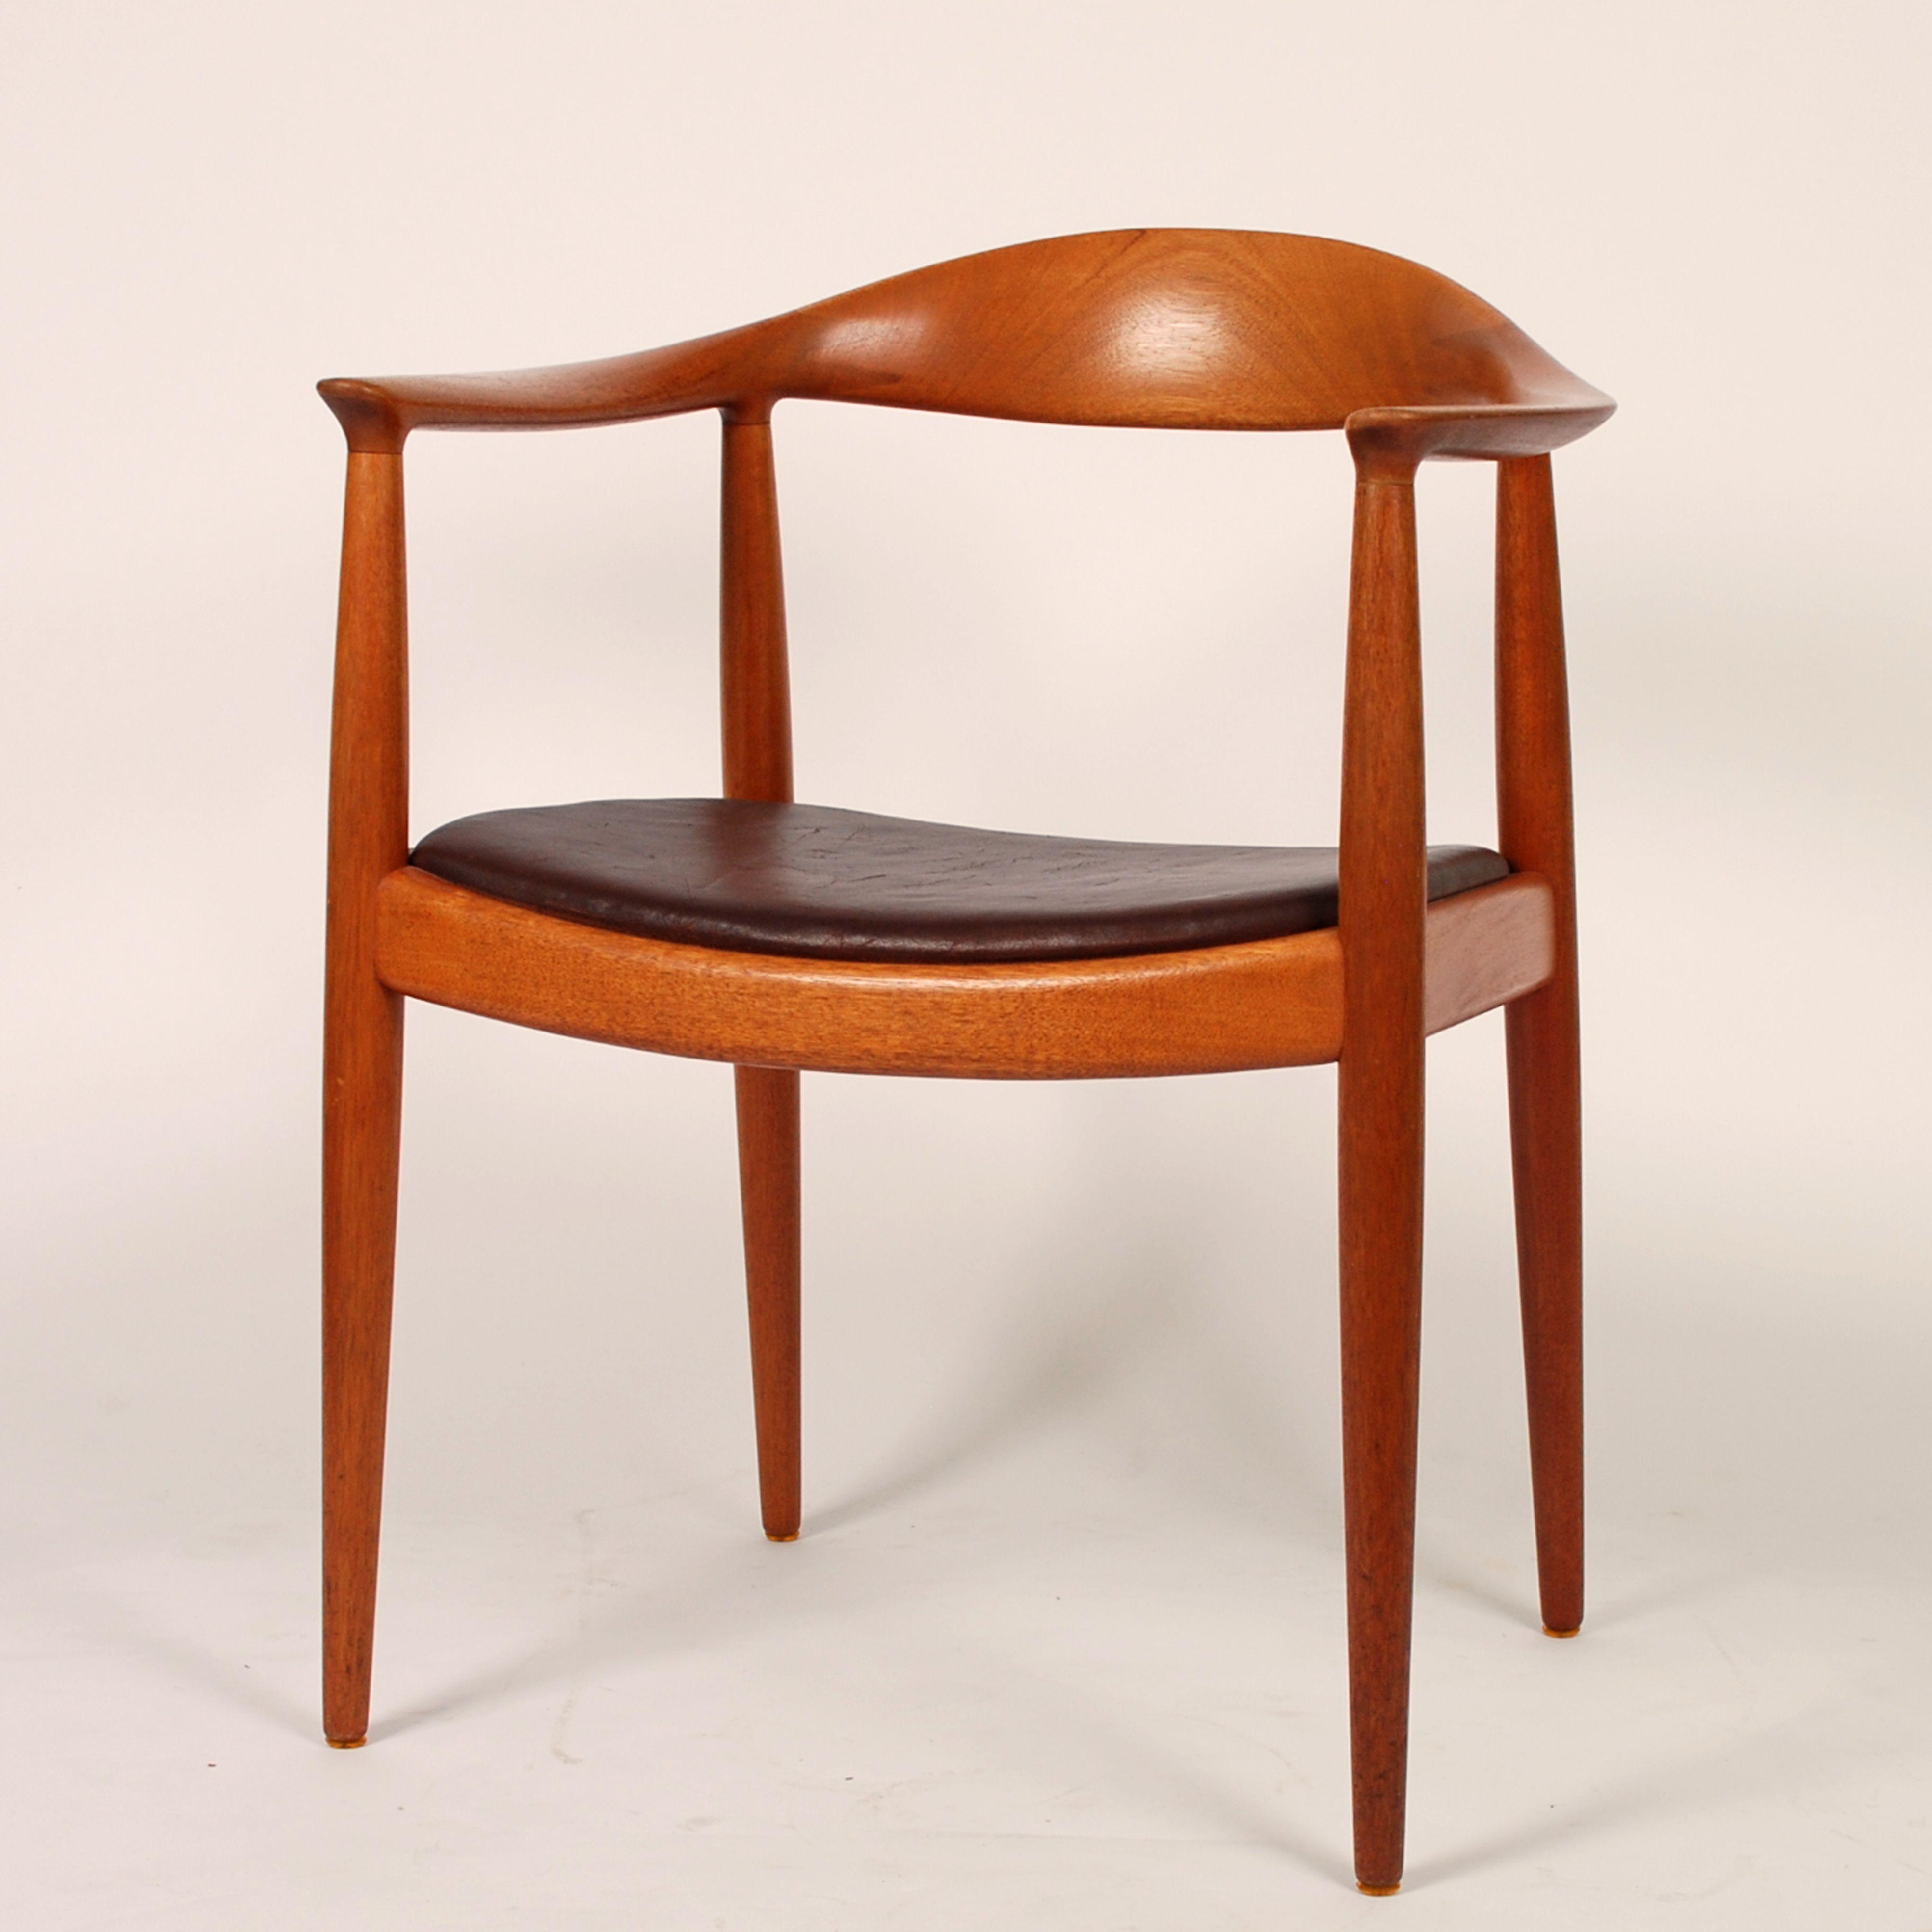 Hans J, Wegner The Chair